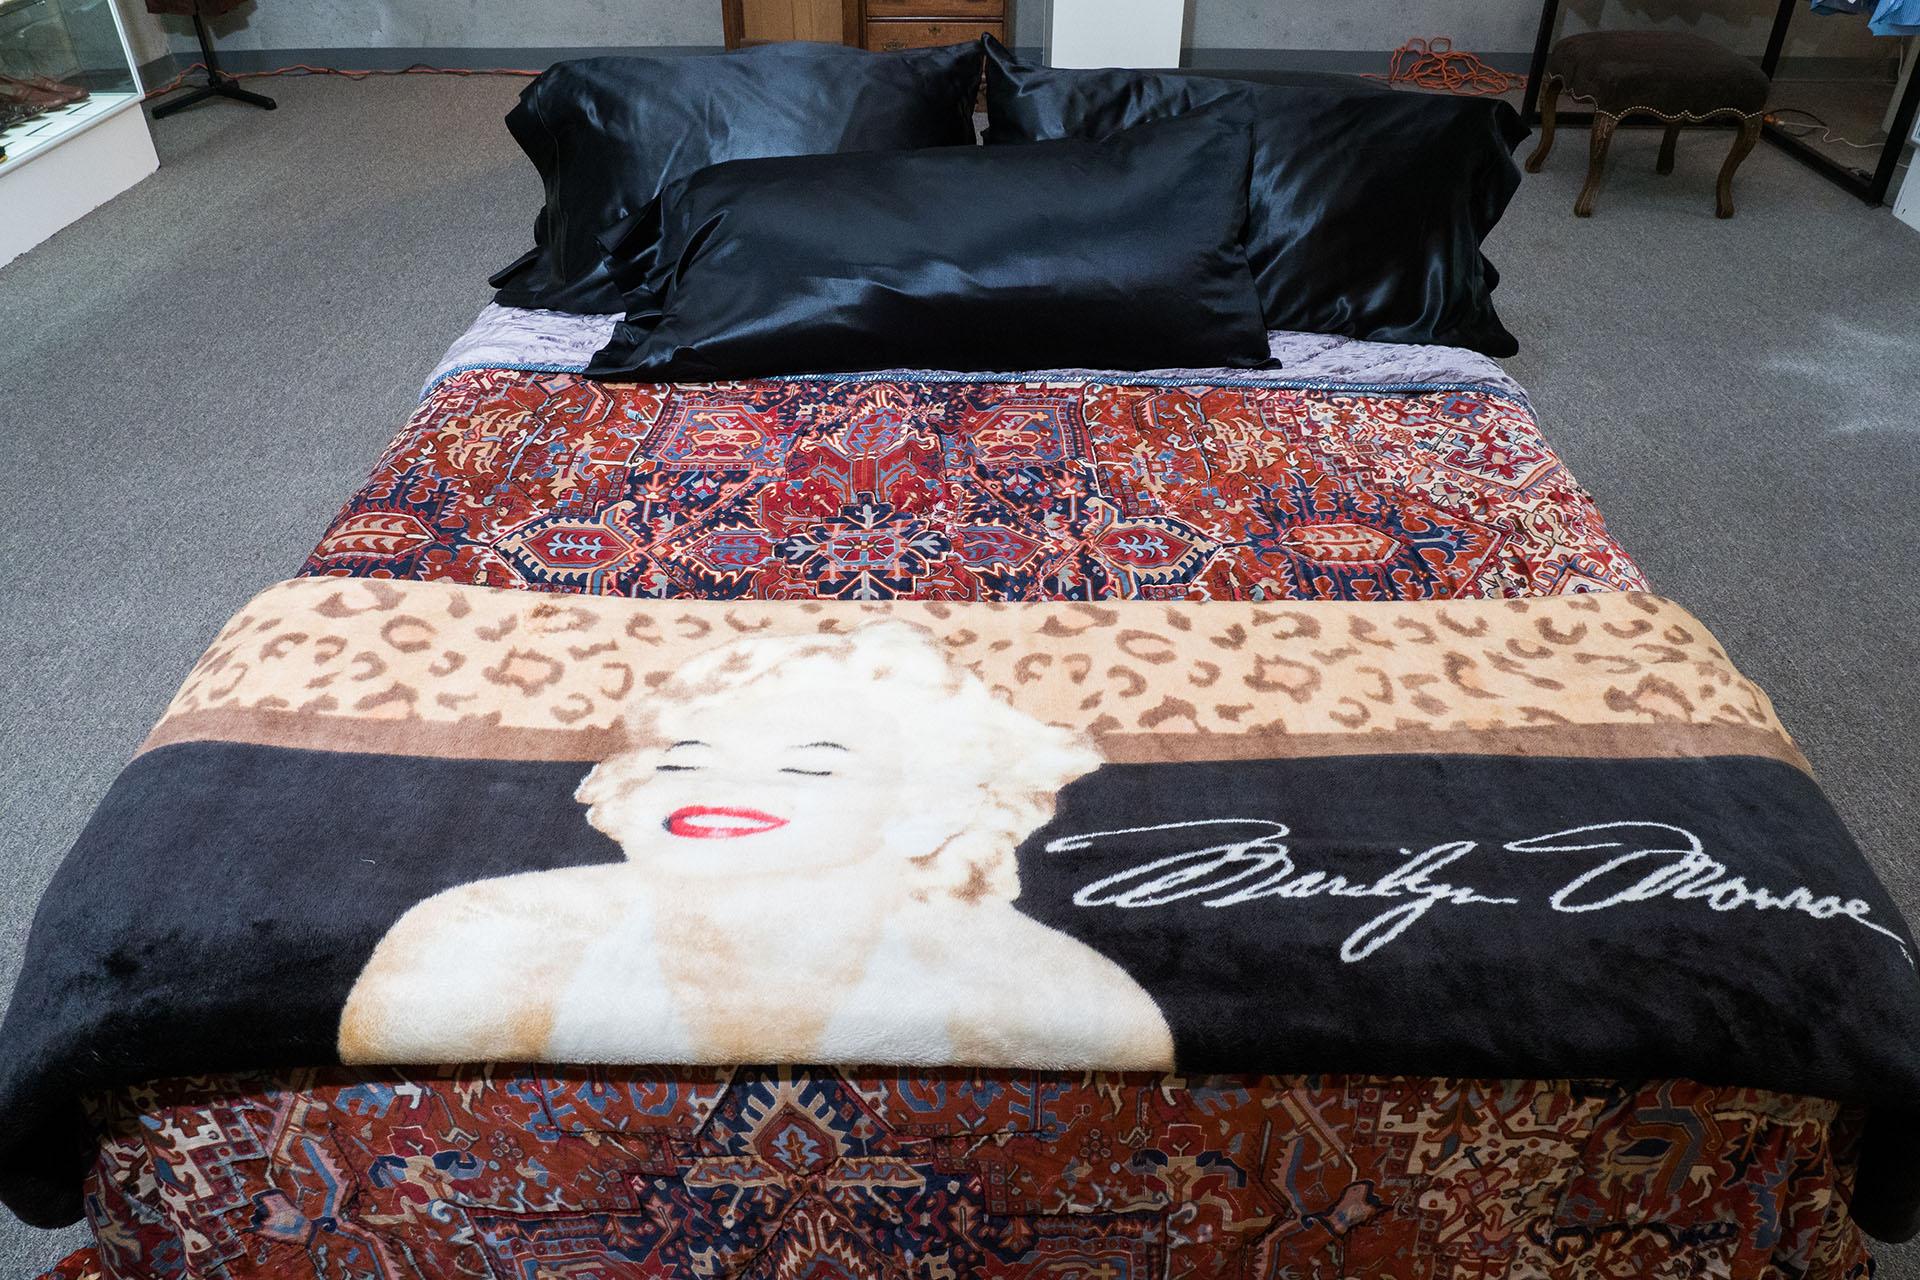 La mítica cama del dueño de Playboy